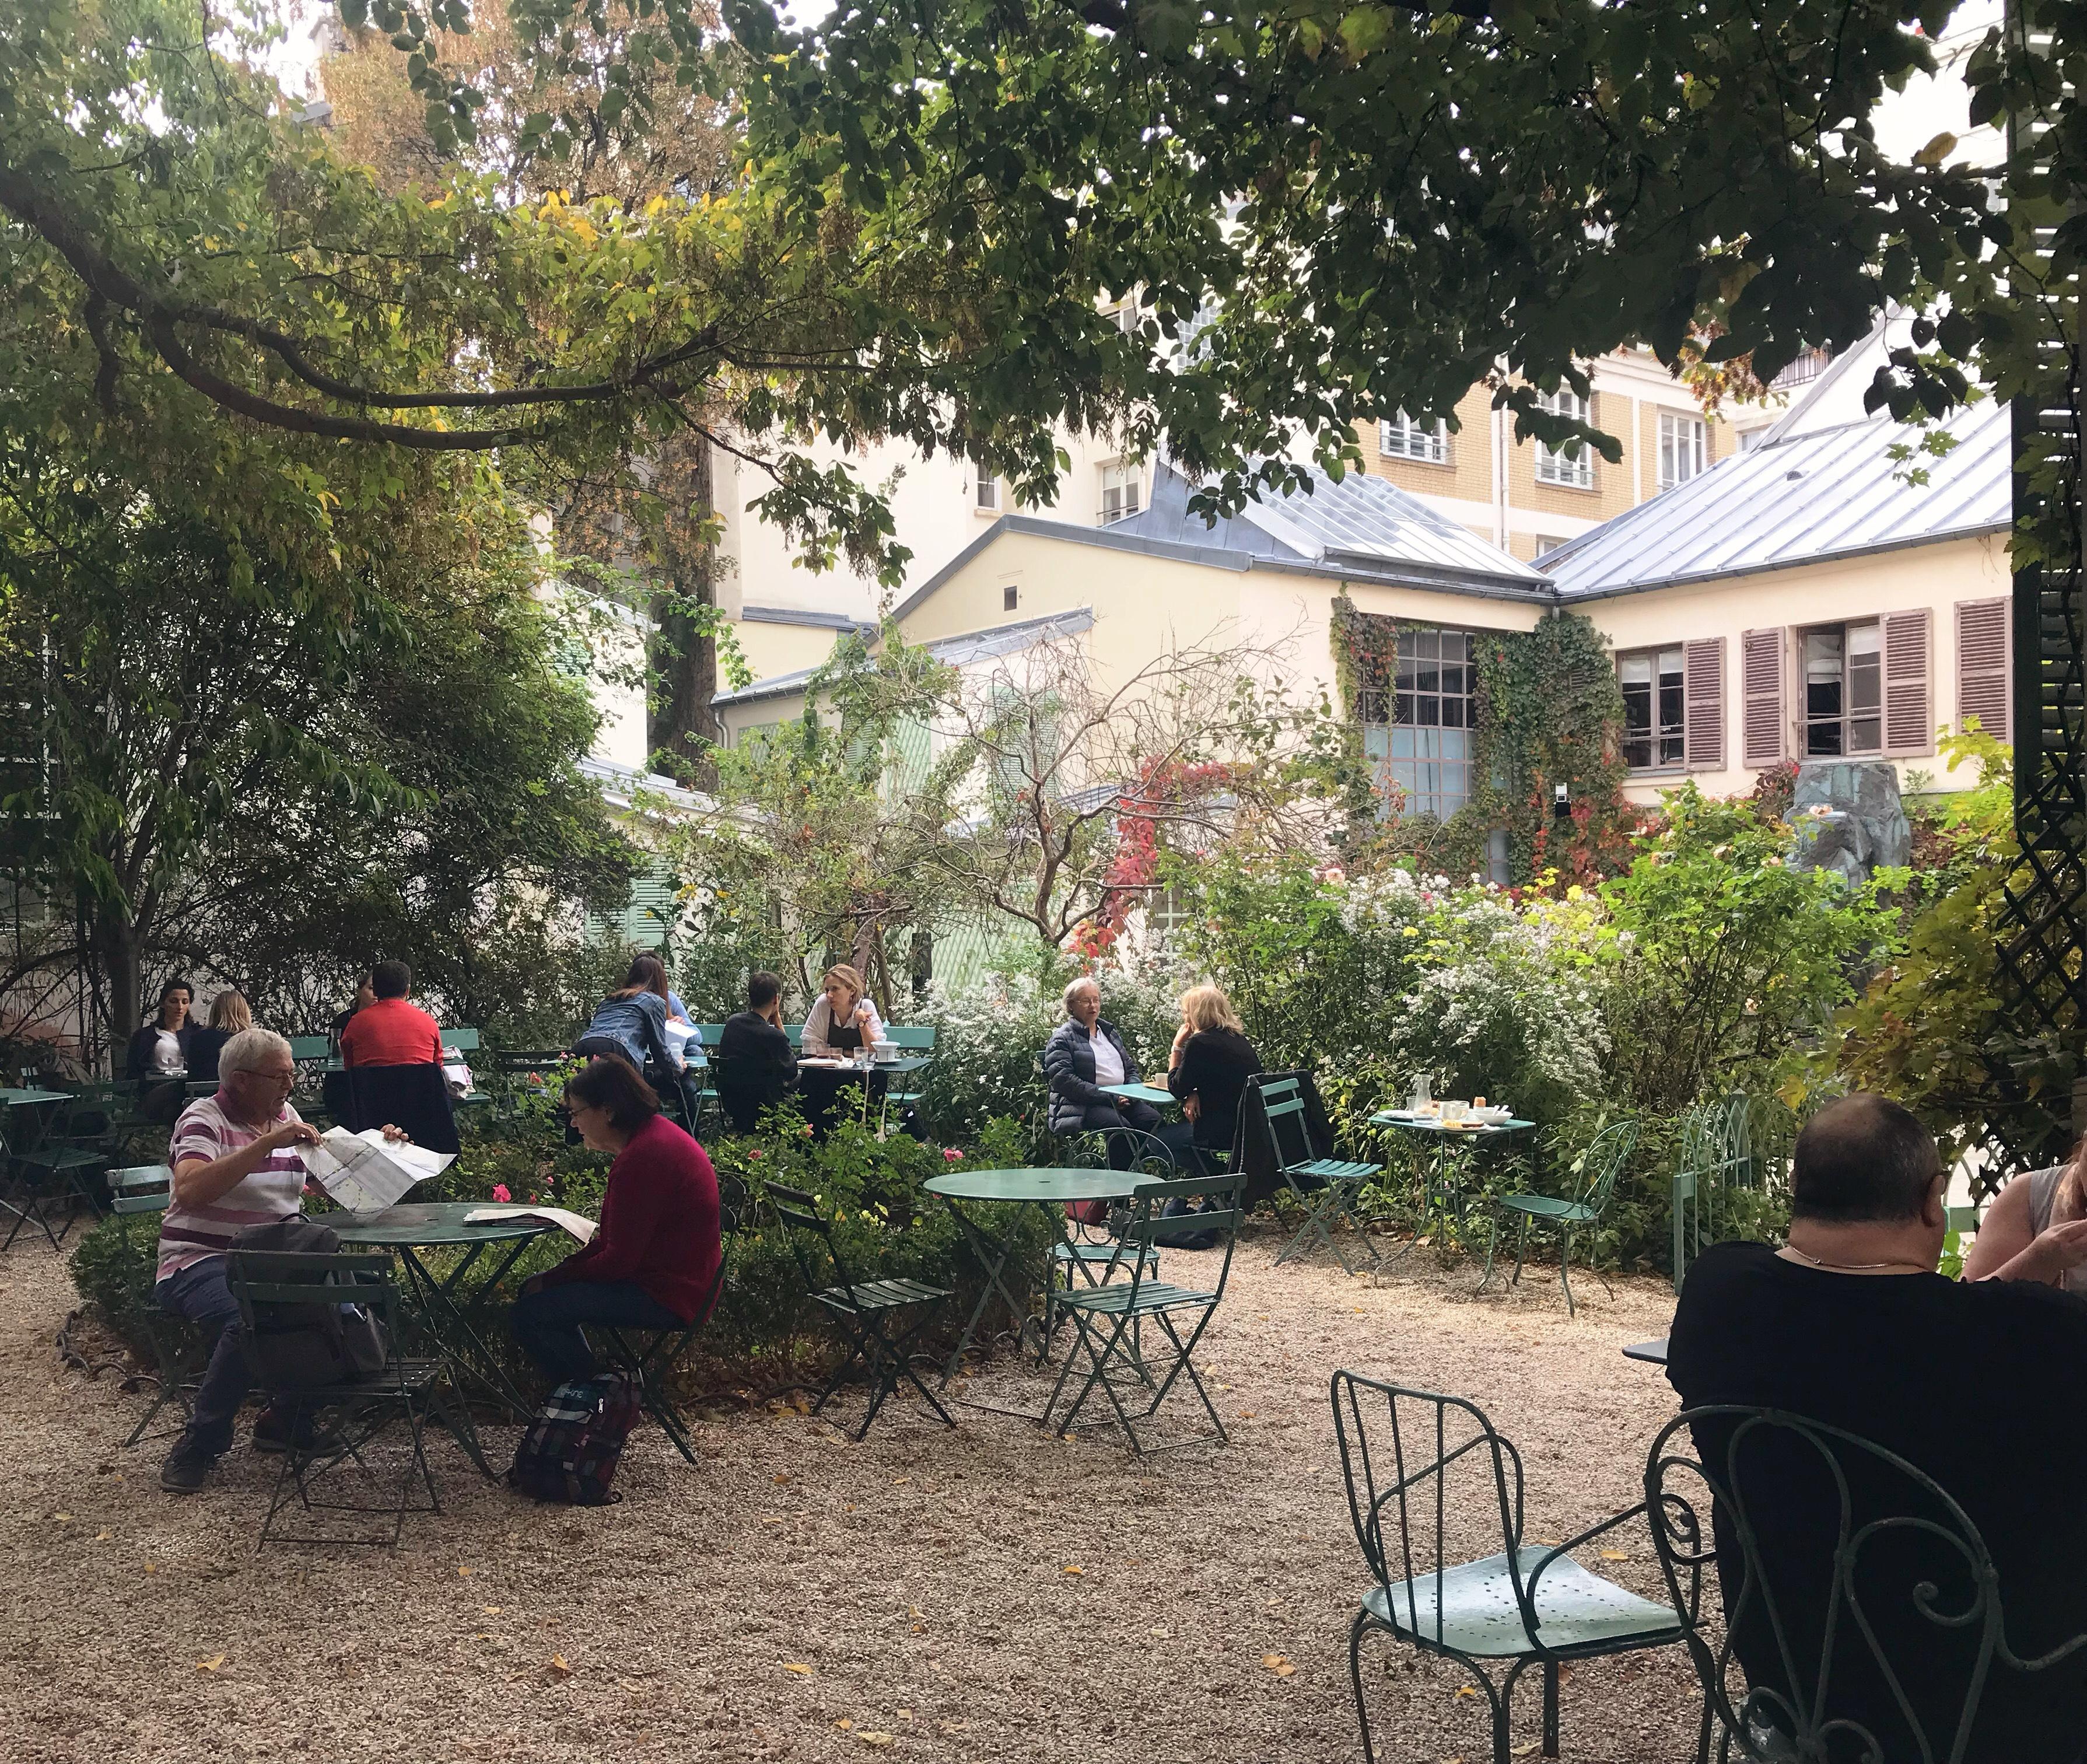 Garden cafe at the Musée de la Vie Romantique in Paris France.